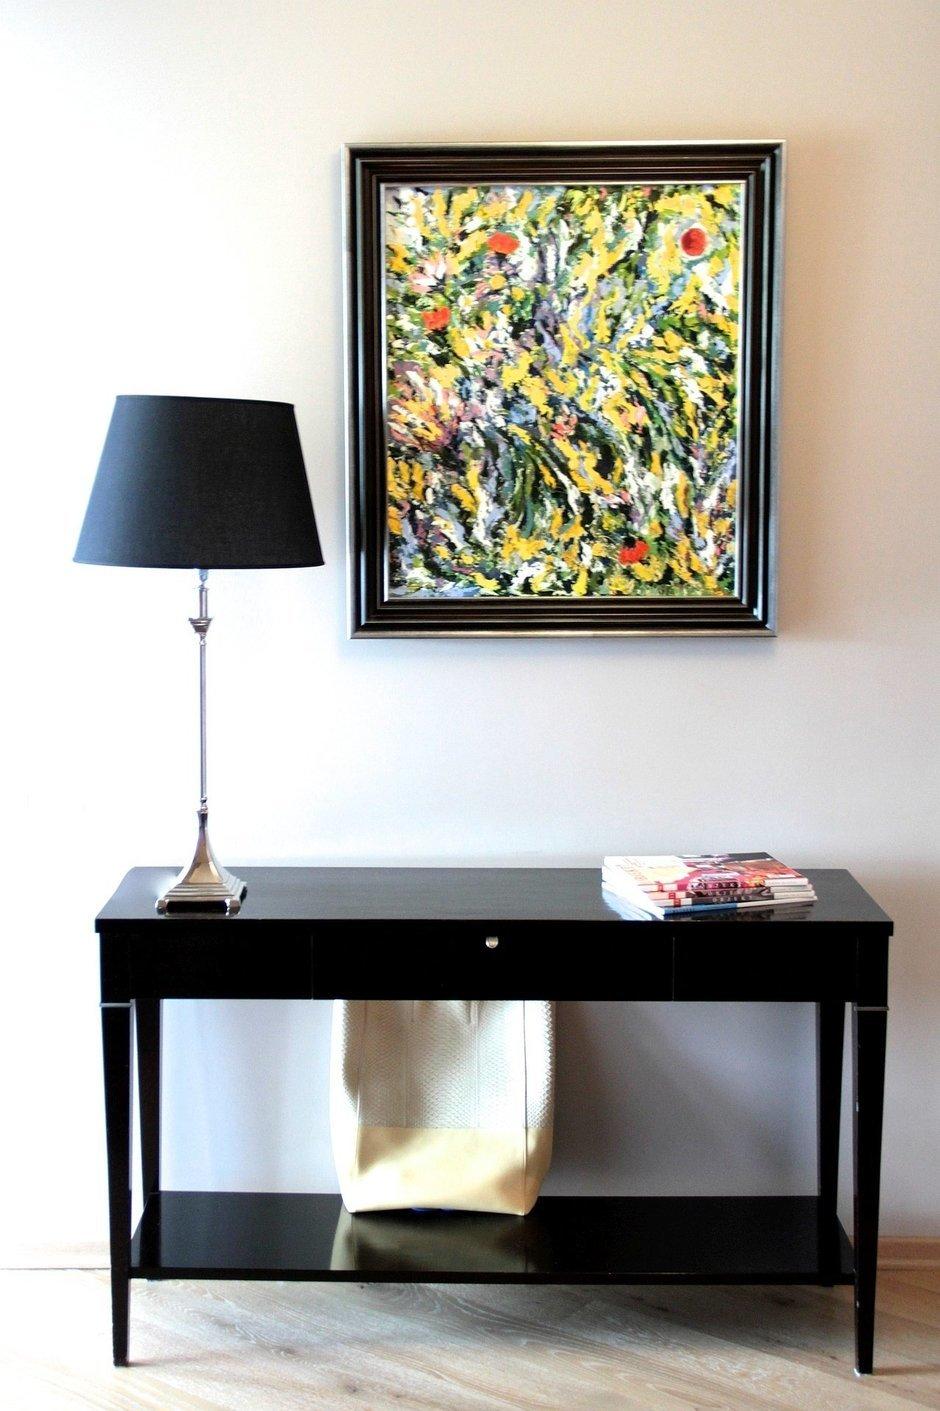 Фотография: Мебель и свет в стиле Современный, Восточный, Декор интерьера, Декор дома, Картины, Современное искусство – фото на InMyRoom.ru